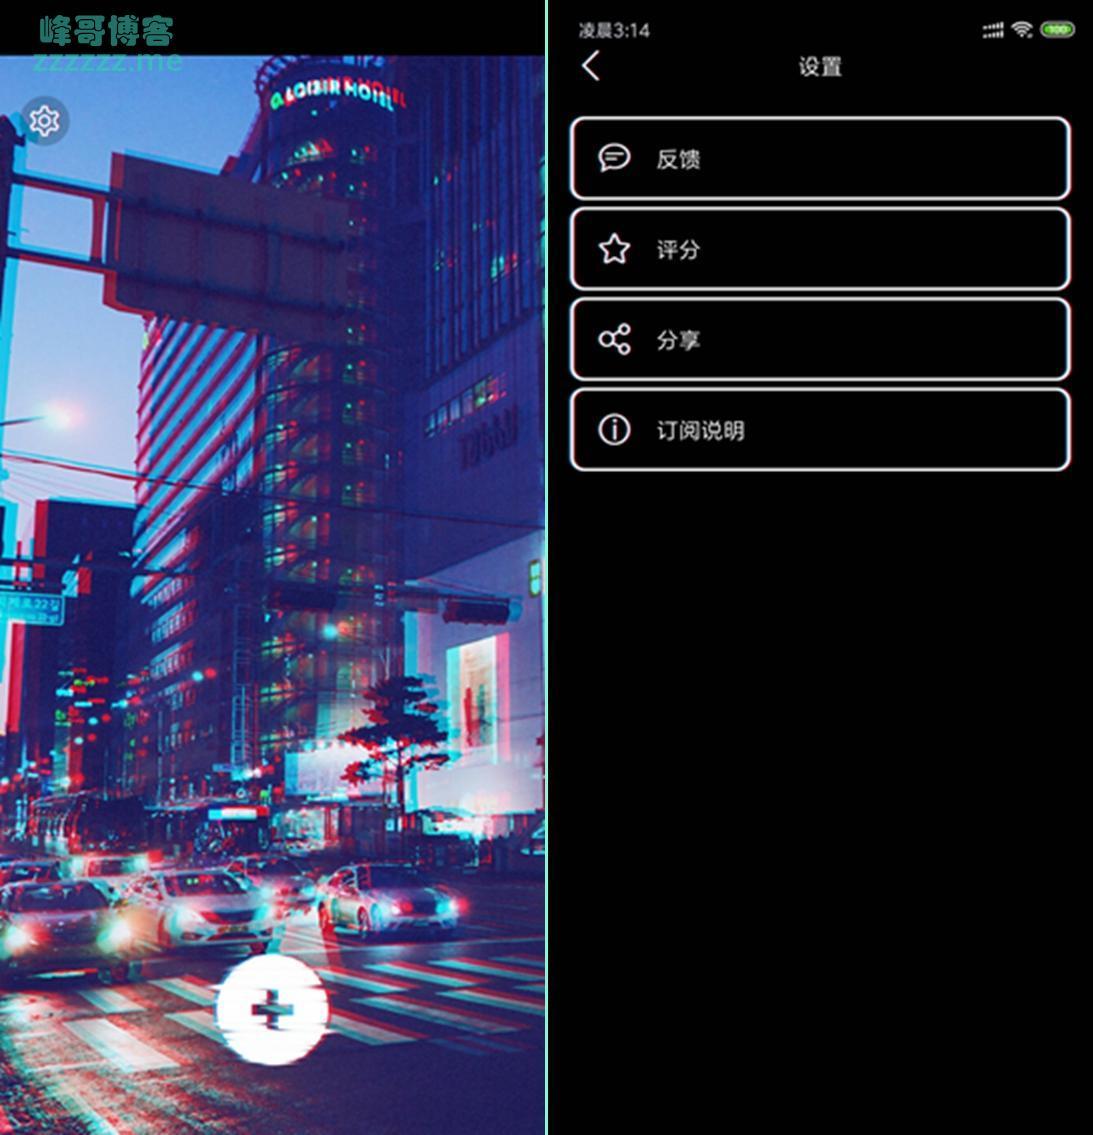 安卓90s 蒸汽波特效图片制作视频加特效相机V1.4.3破解版 所有付费特效模板免费使用!